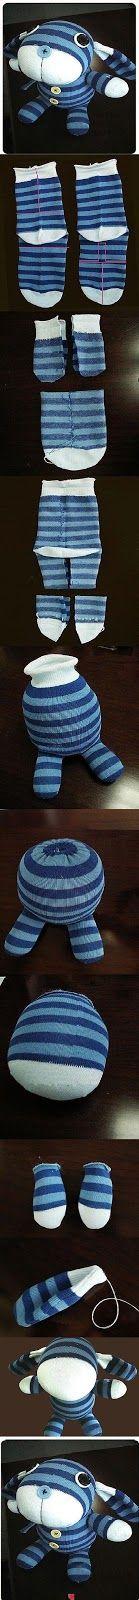 NEŞELİ SÜS EVİM: Çoraptan Oyuncaklar